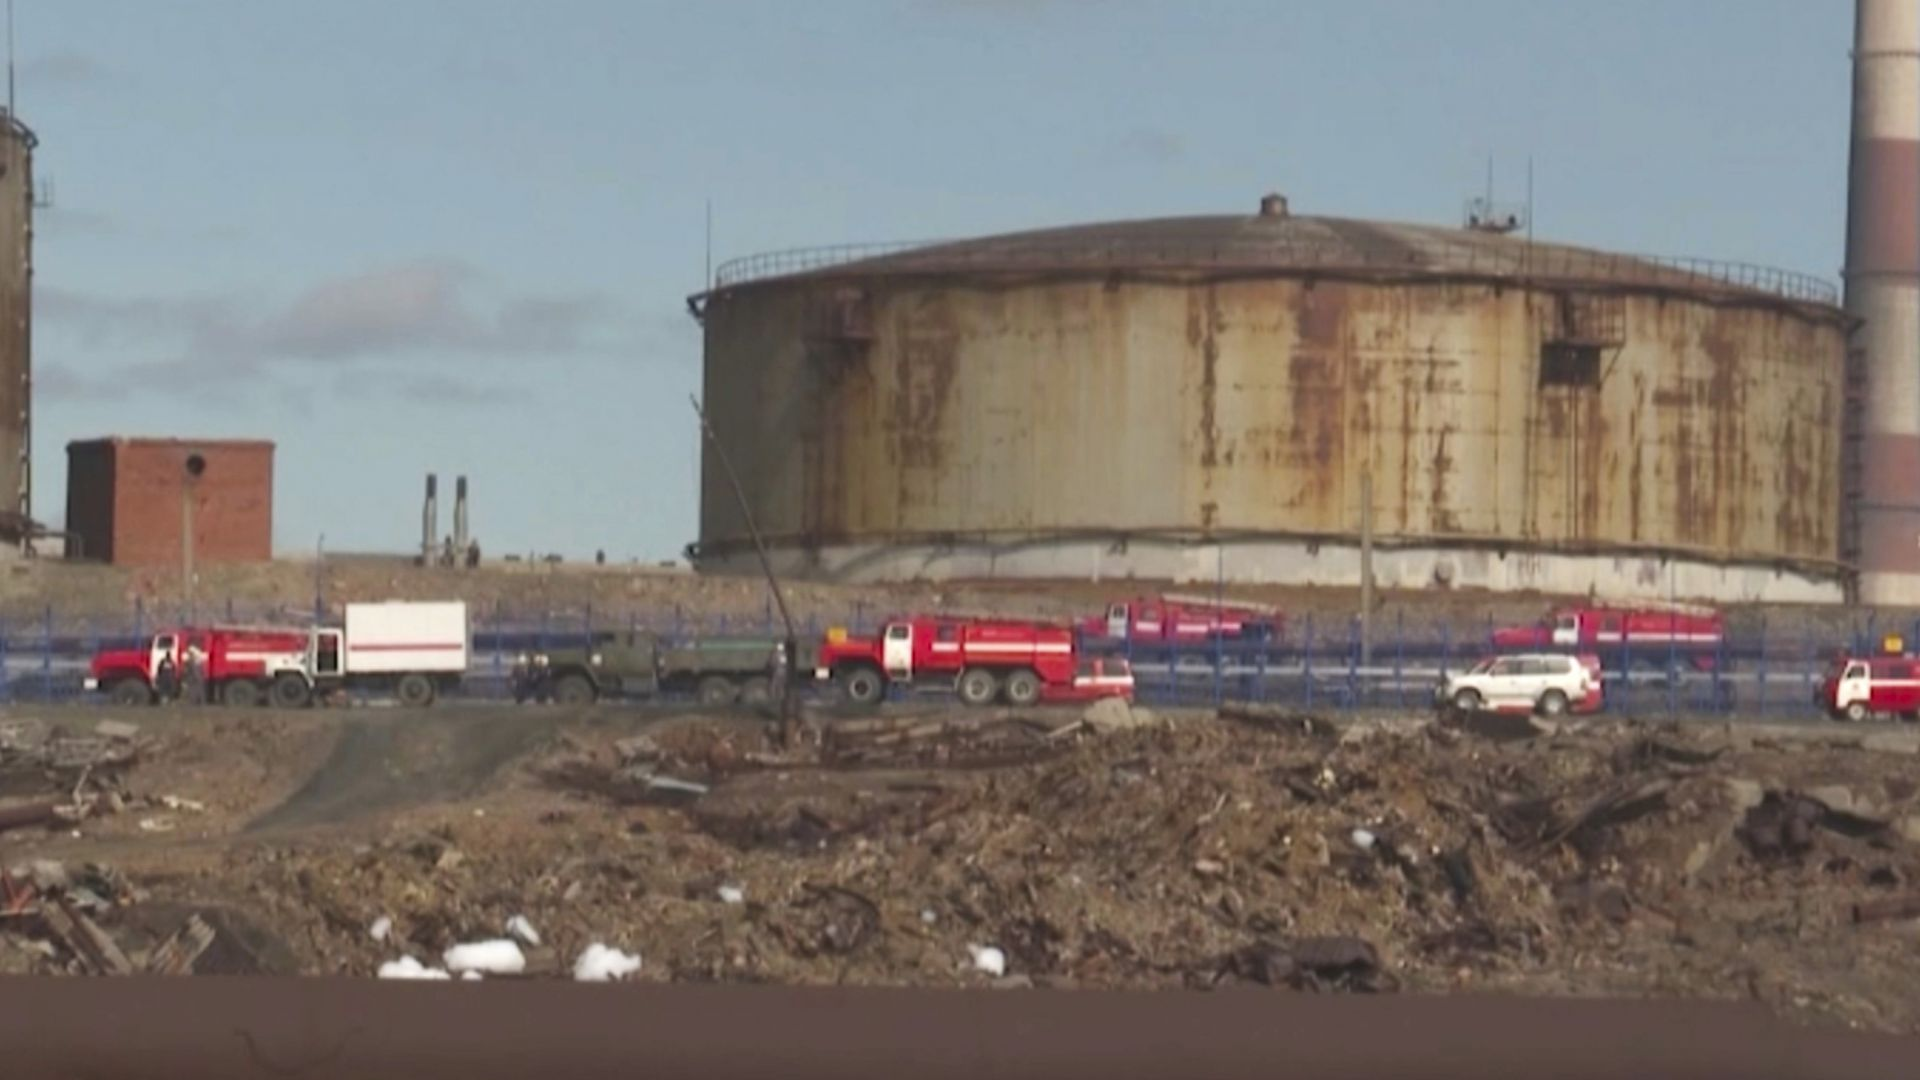 След аварията в ТЕЦ-3: Първи успех в борбата с екокатастрофата в руската част на Арктика